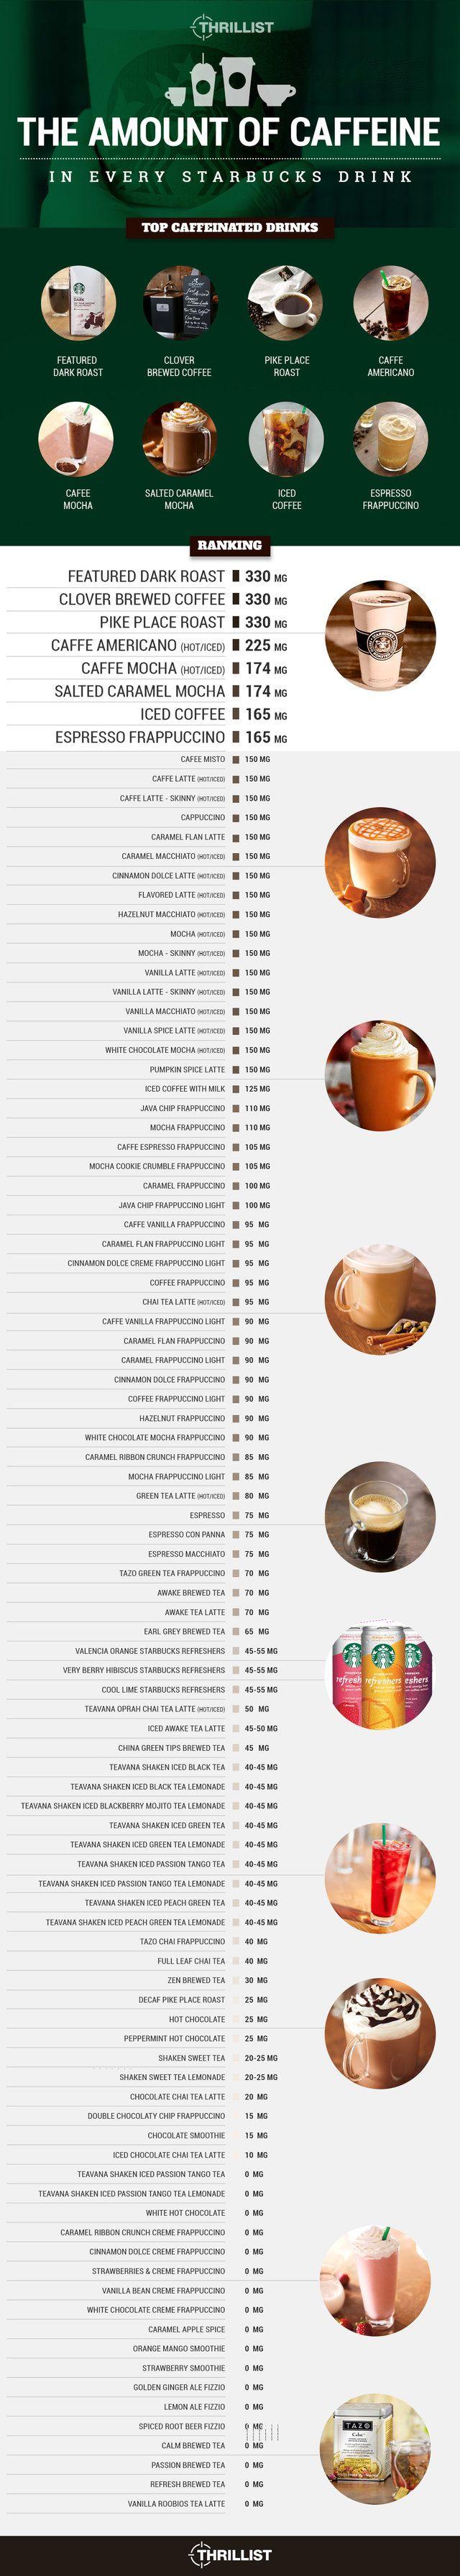 Starbucks caffeine information